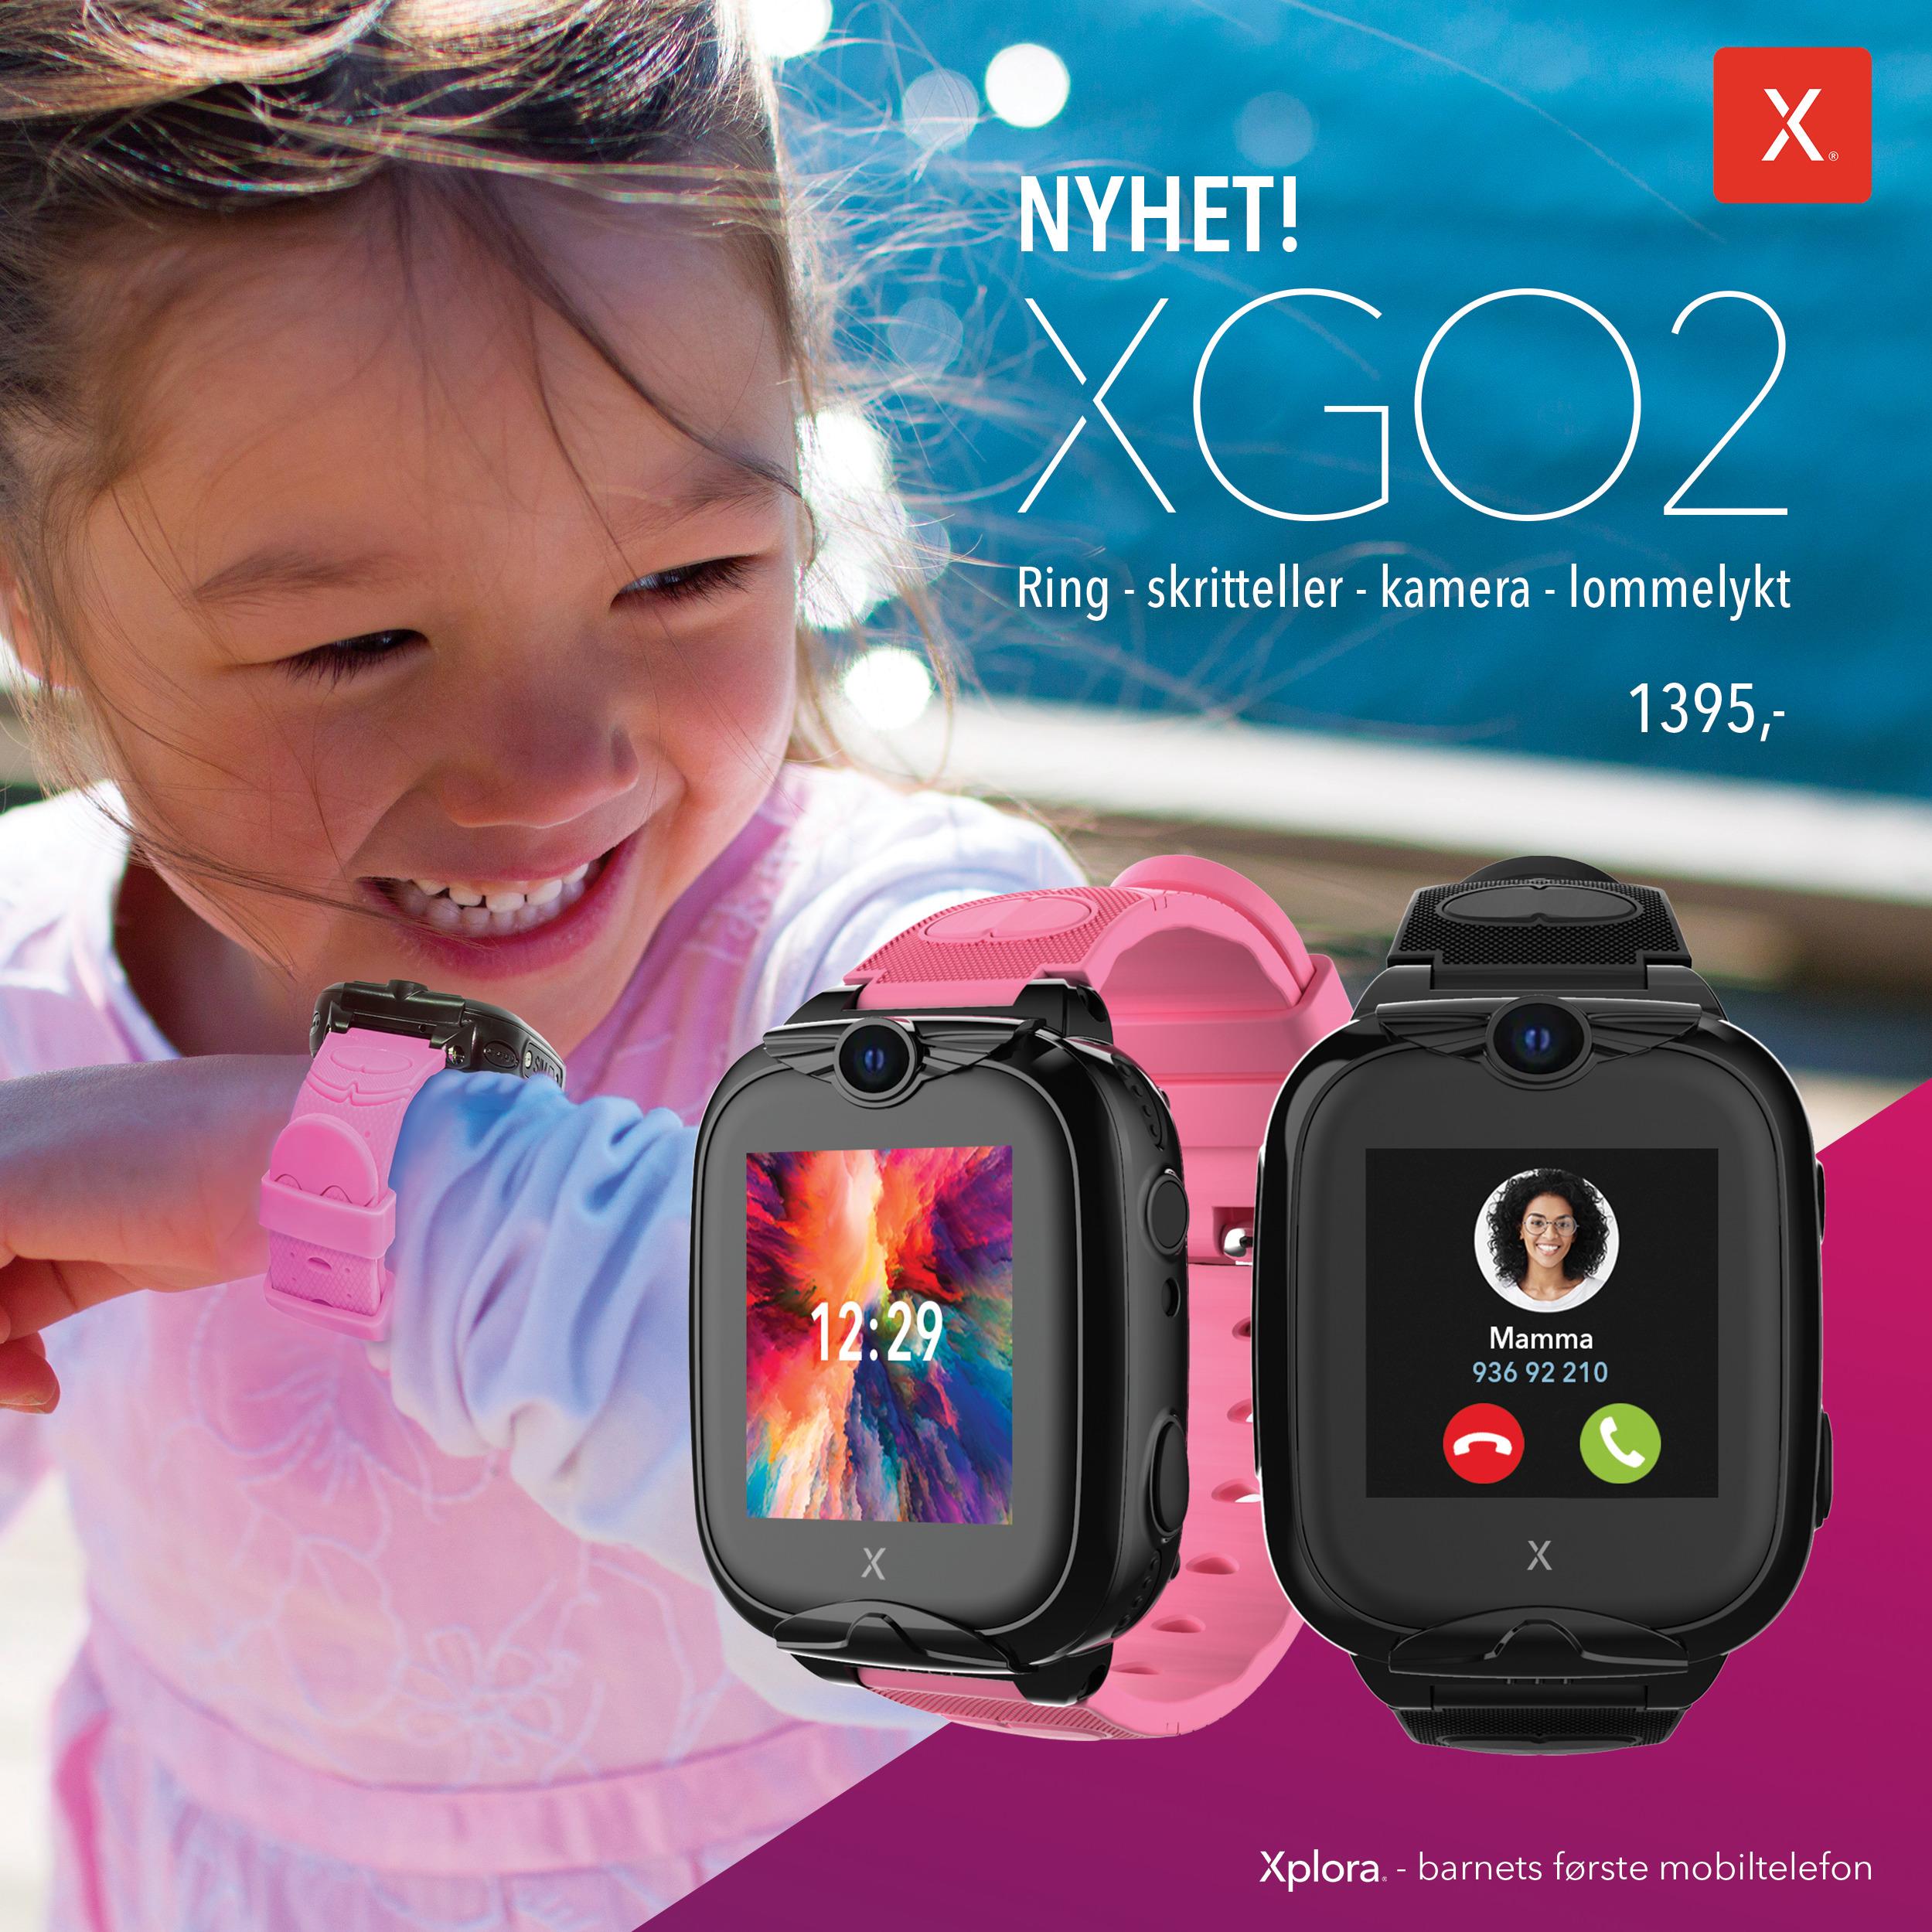 NYHET! Sjekk ut vår nye Xplora XGO2 smartklokke til barn!